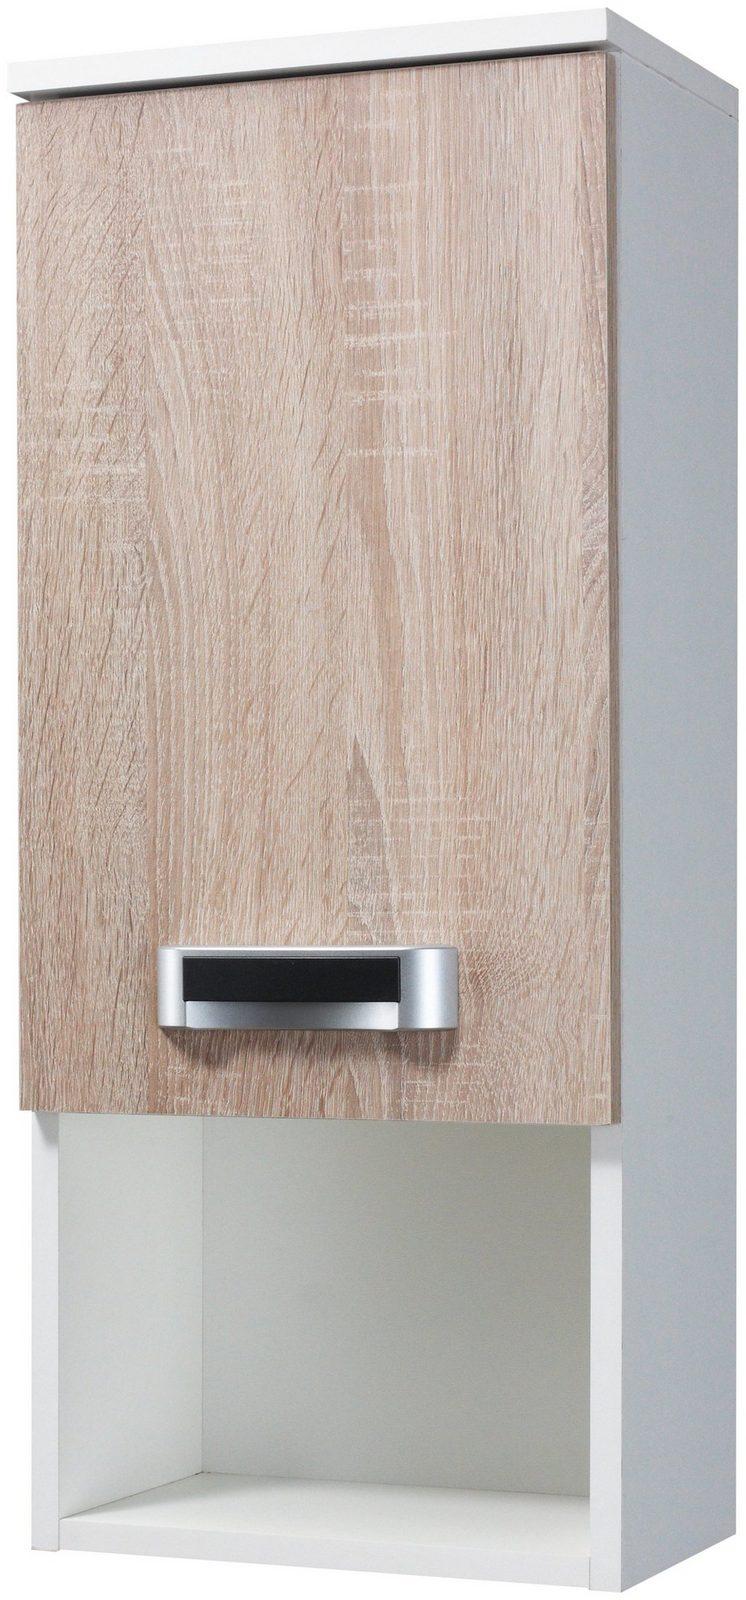 KESPER Badhängeschrank »Cadiz«, Breite 40 cm